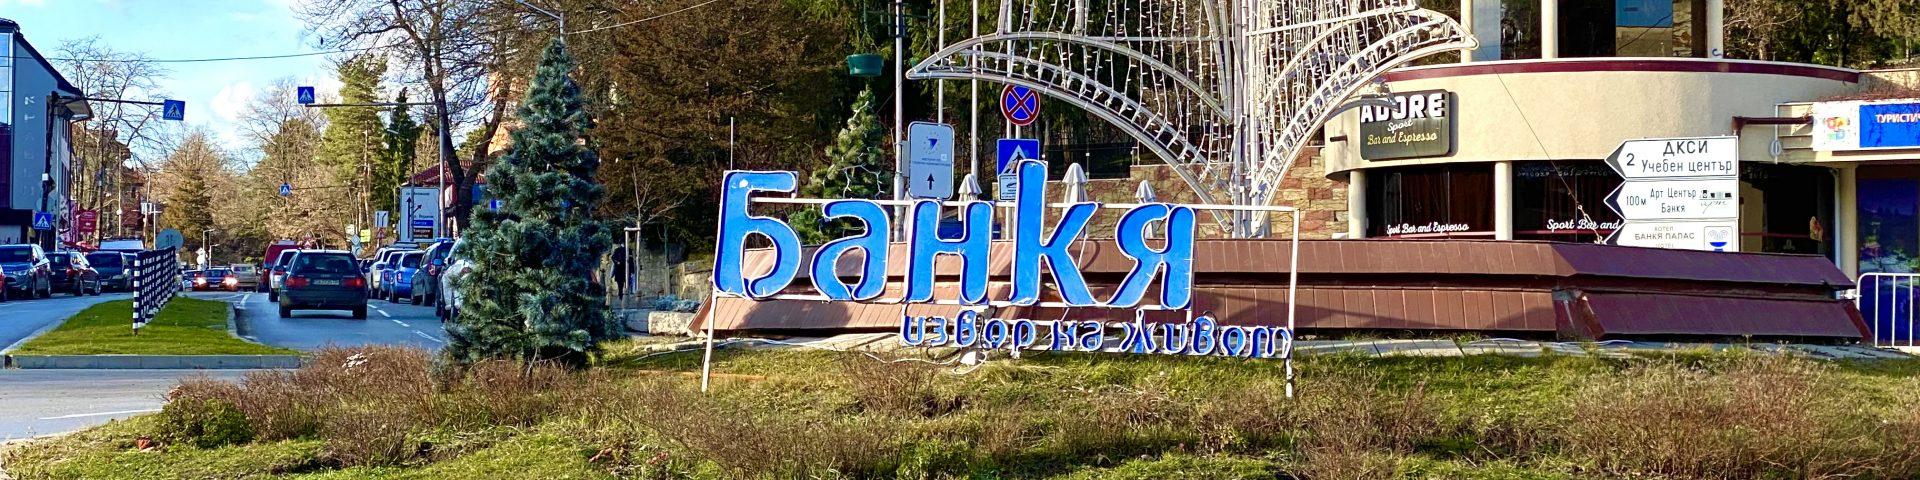 Банкя, Болгария